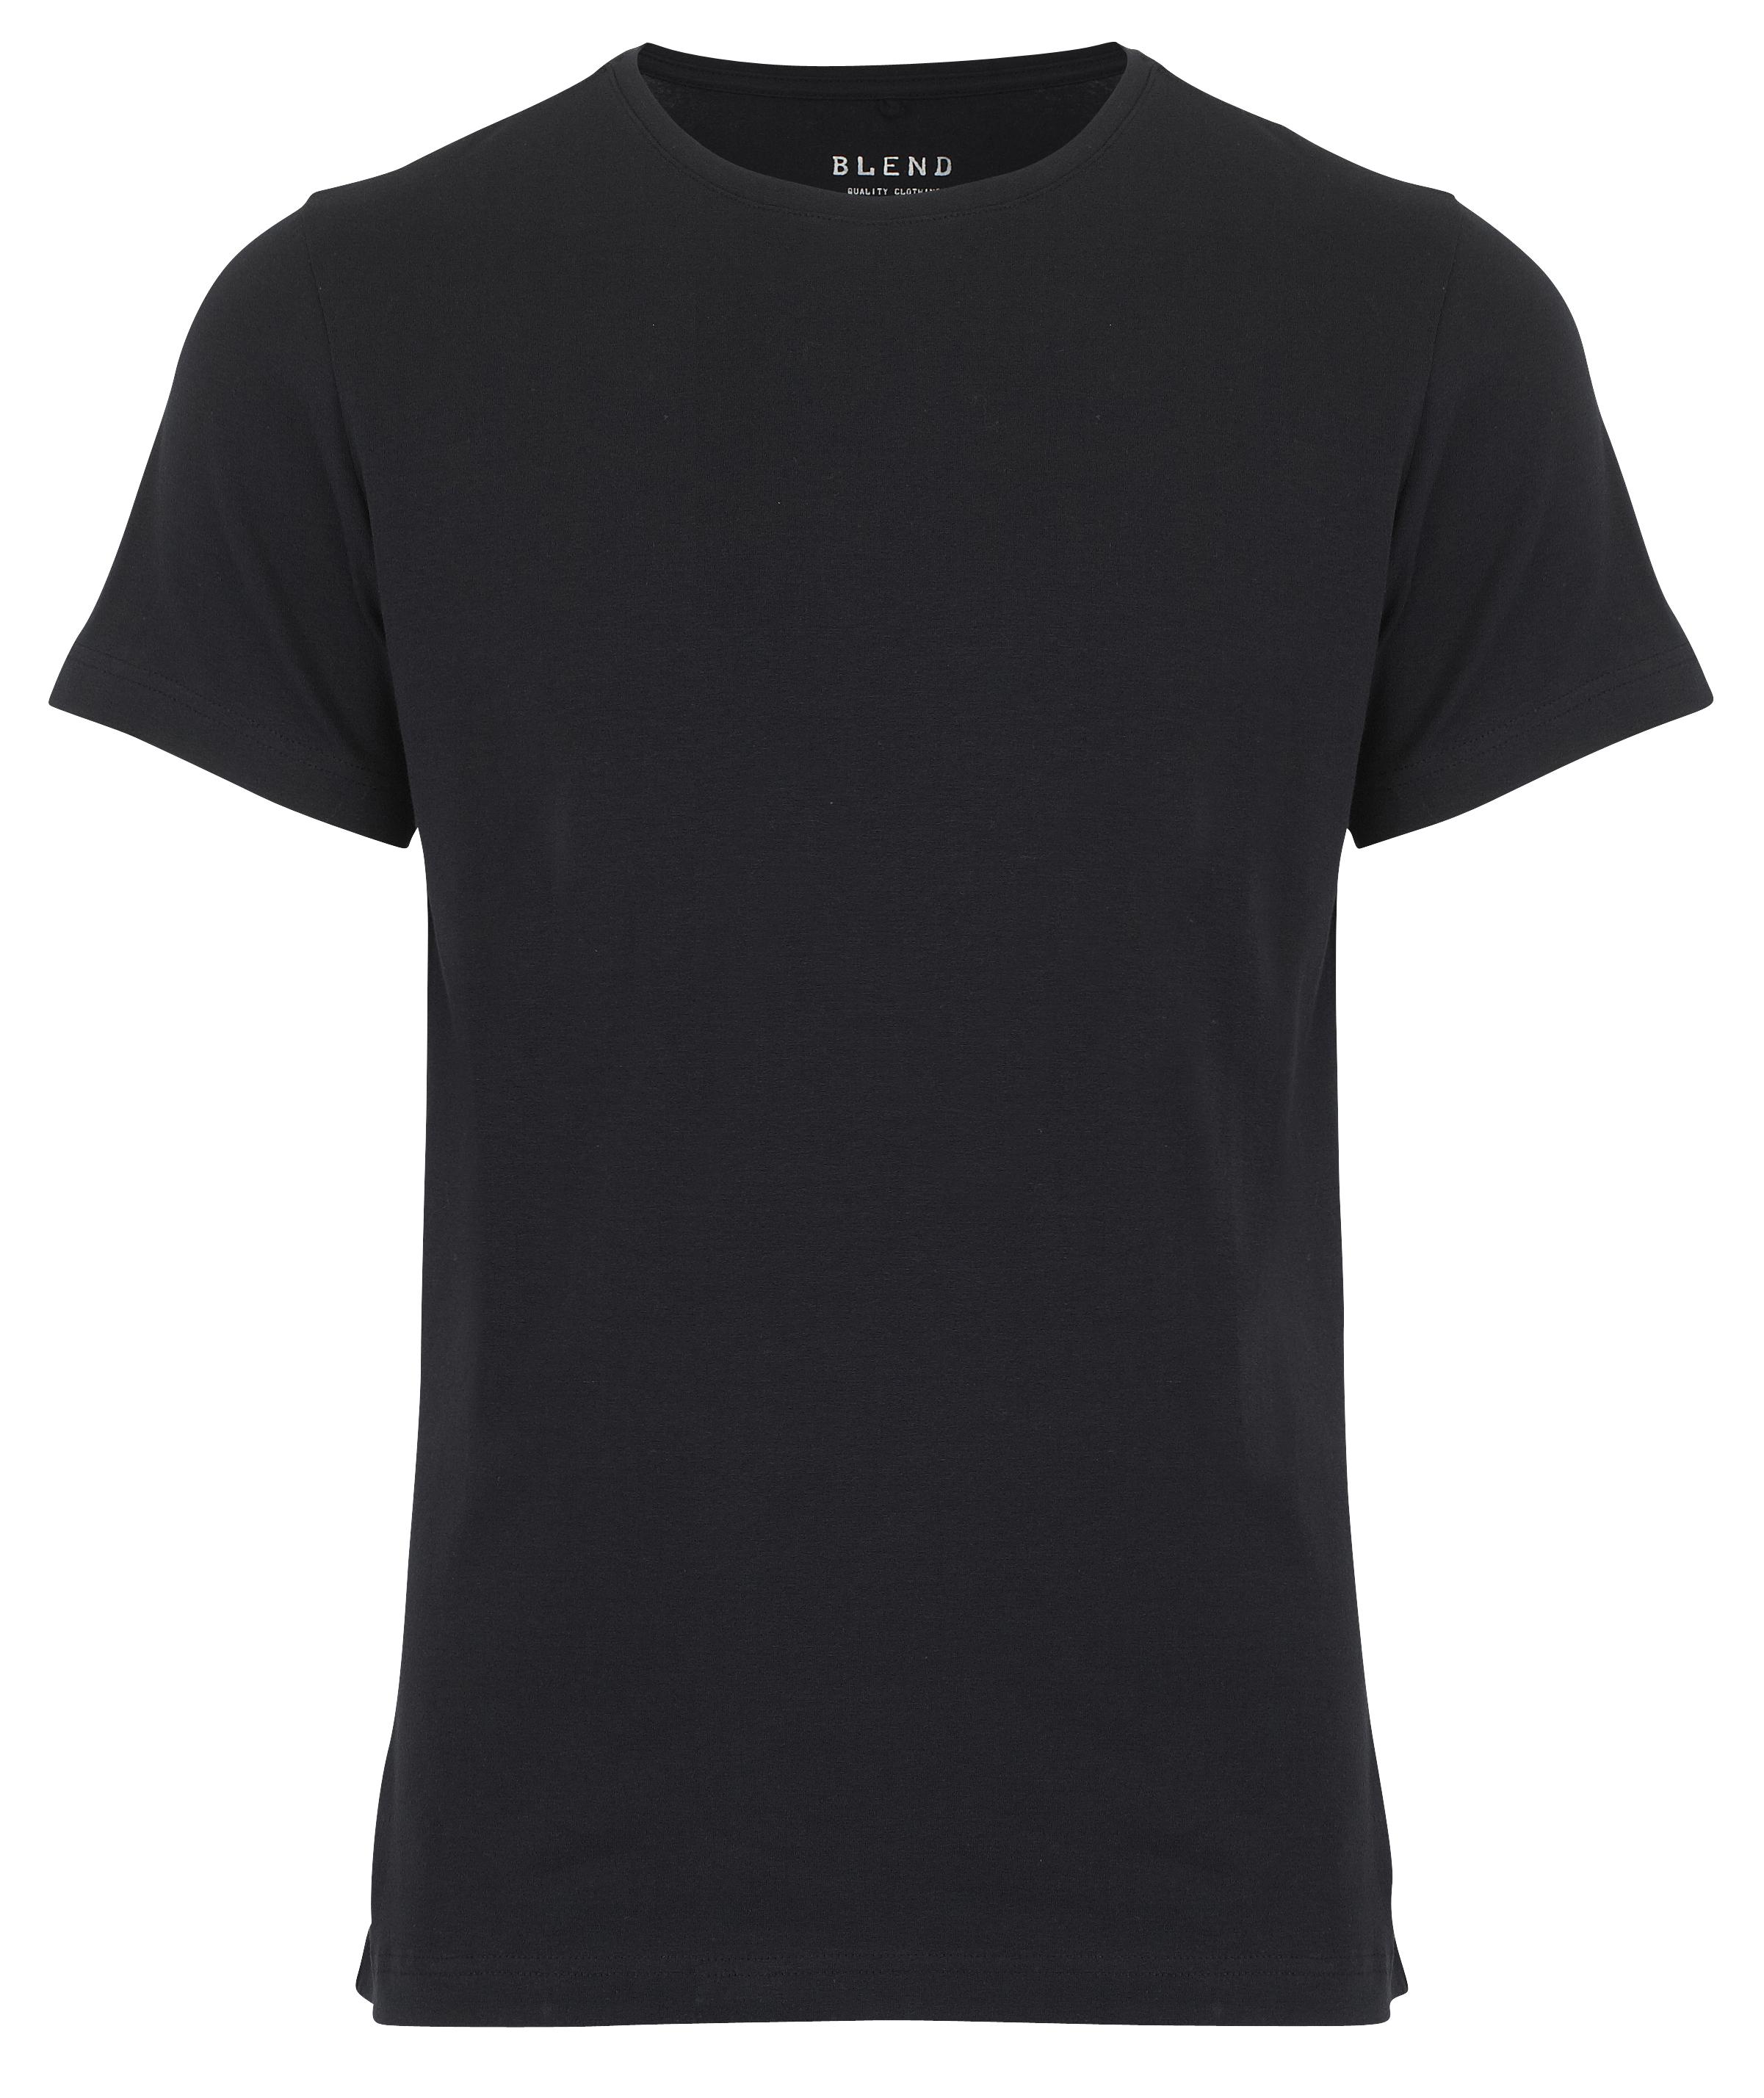 Image of Blend He Herre Kortærmet T-shirt - Sort